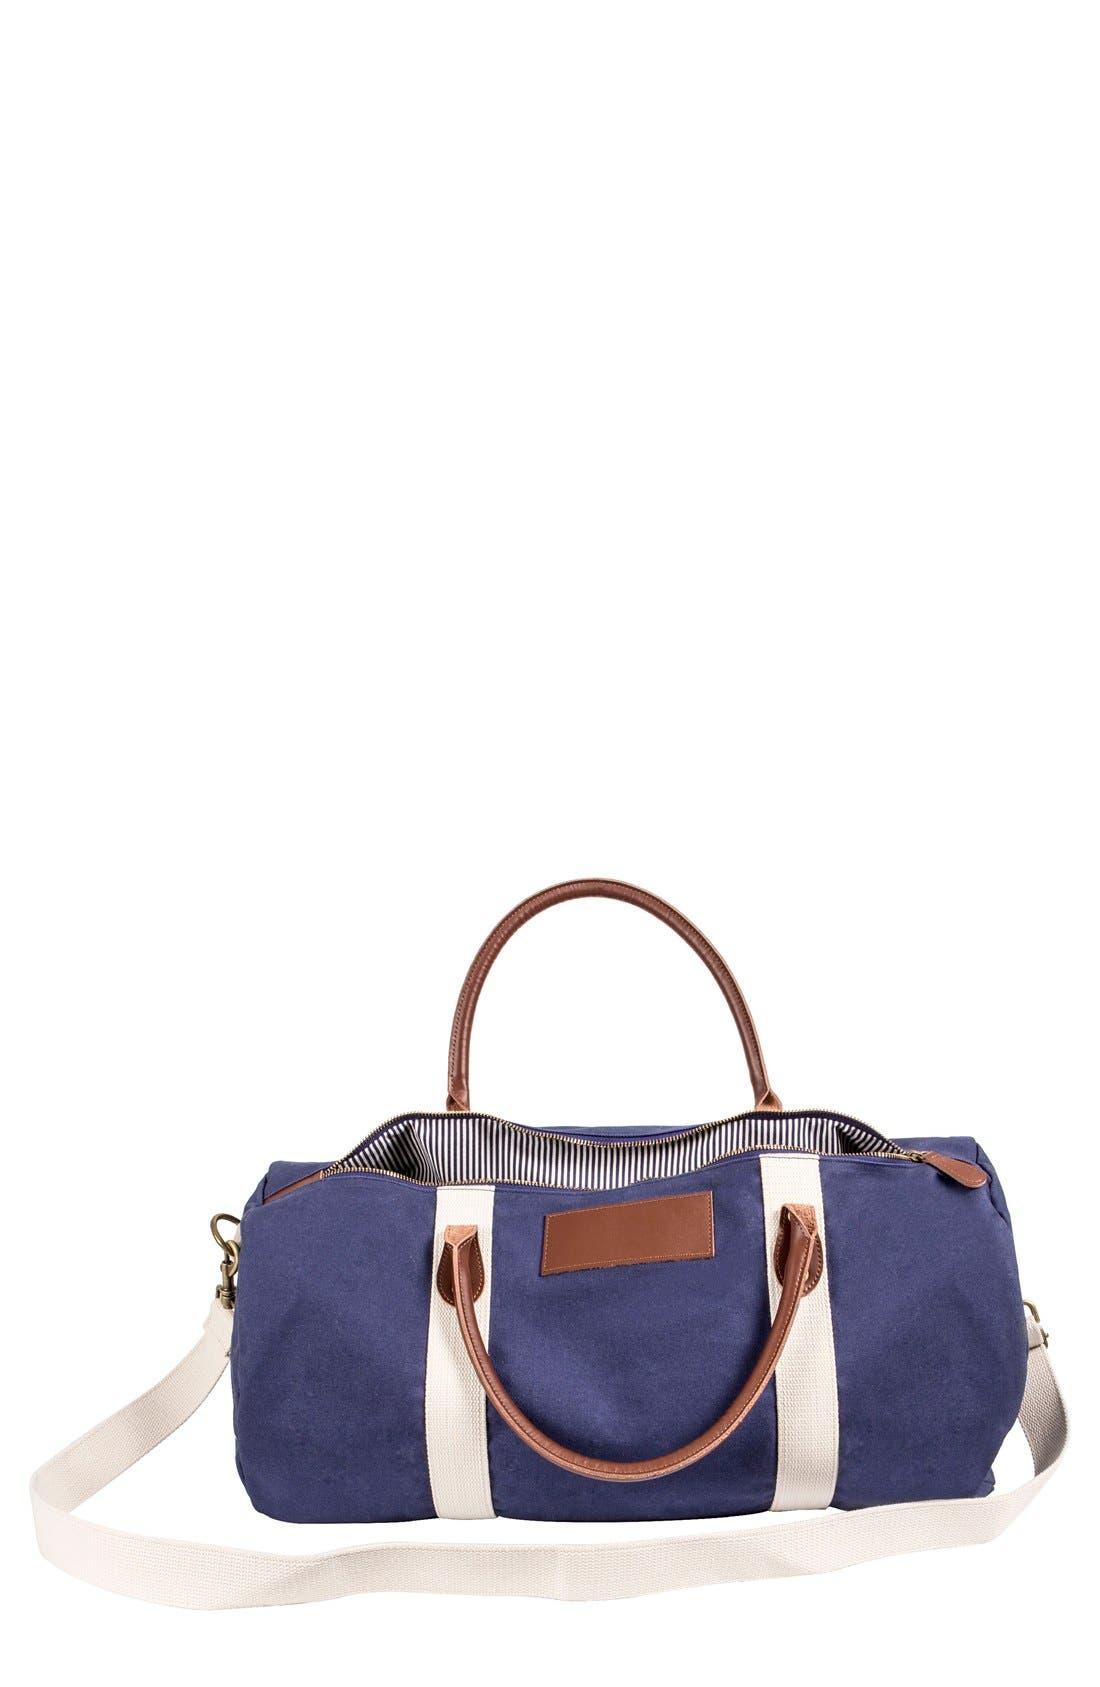 Monogram Duffel Bag,                         Main,                         color, NAVY